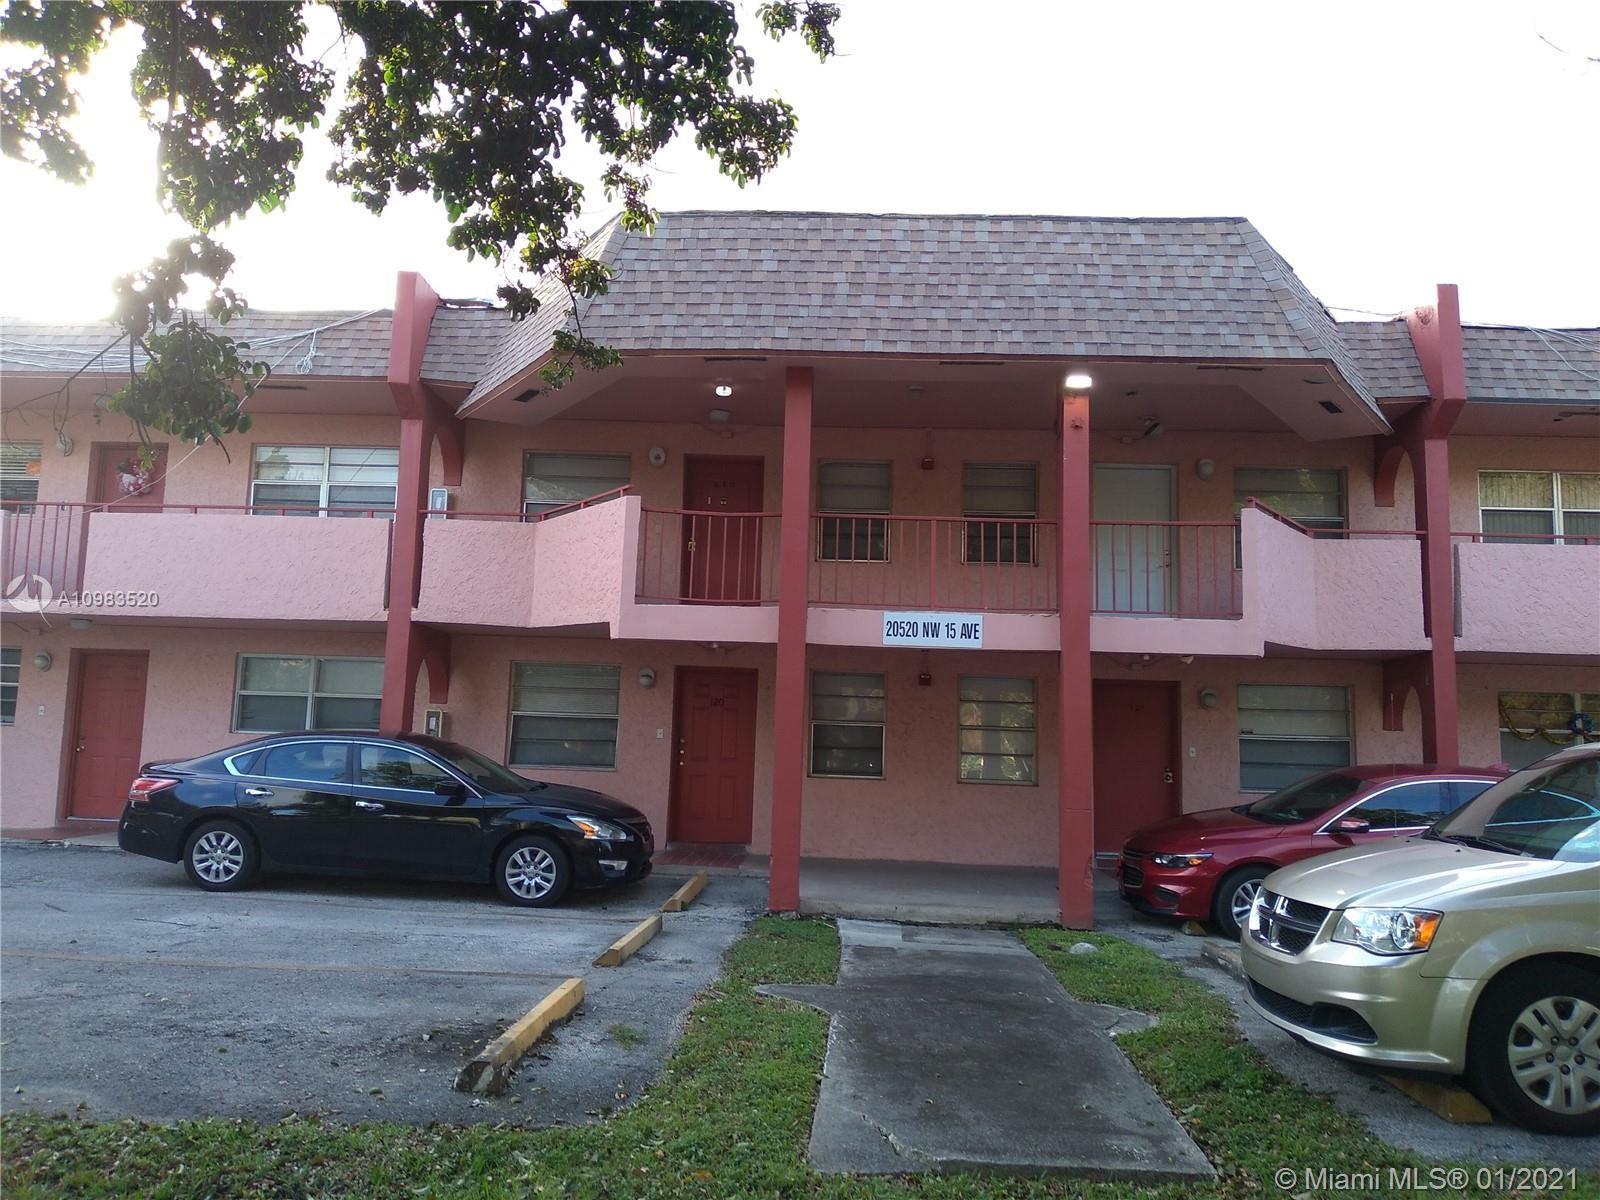 20520 NW 15th Ave #118, Miami Gardens, FL 33169 - #: A10983520